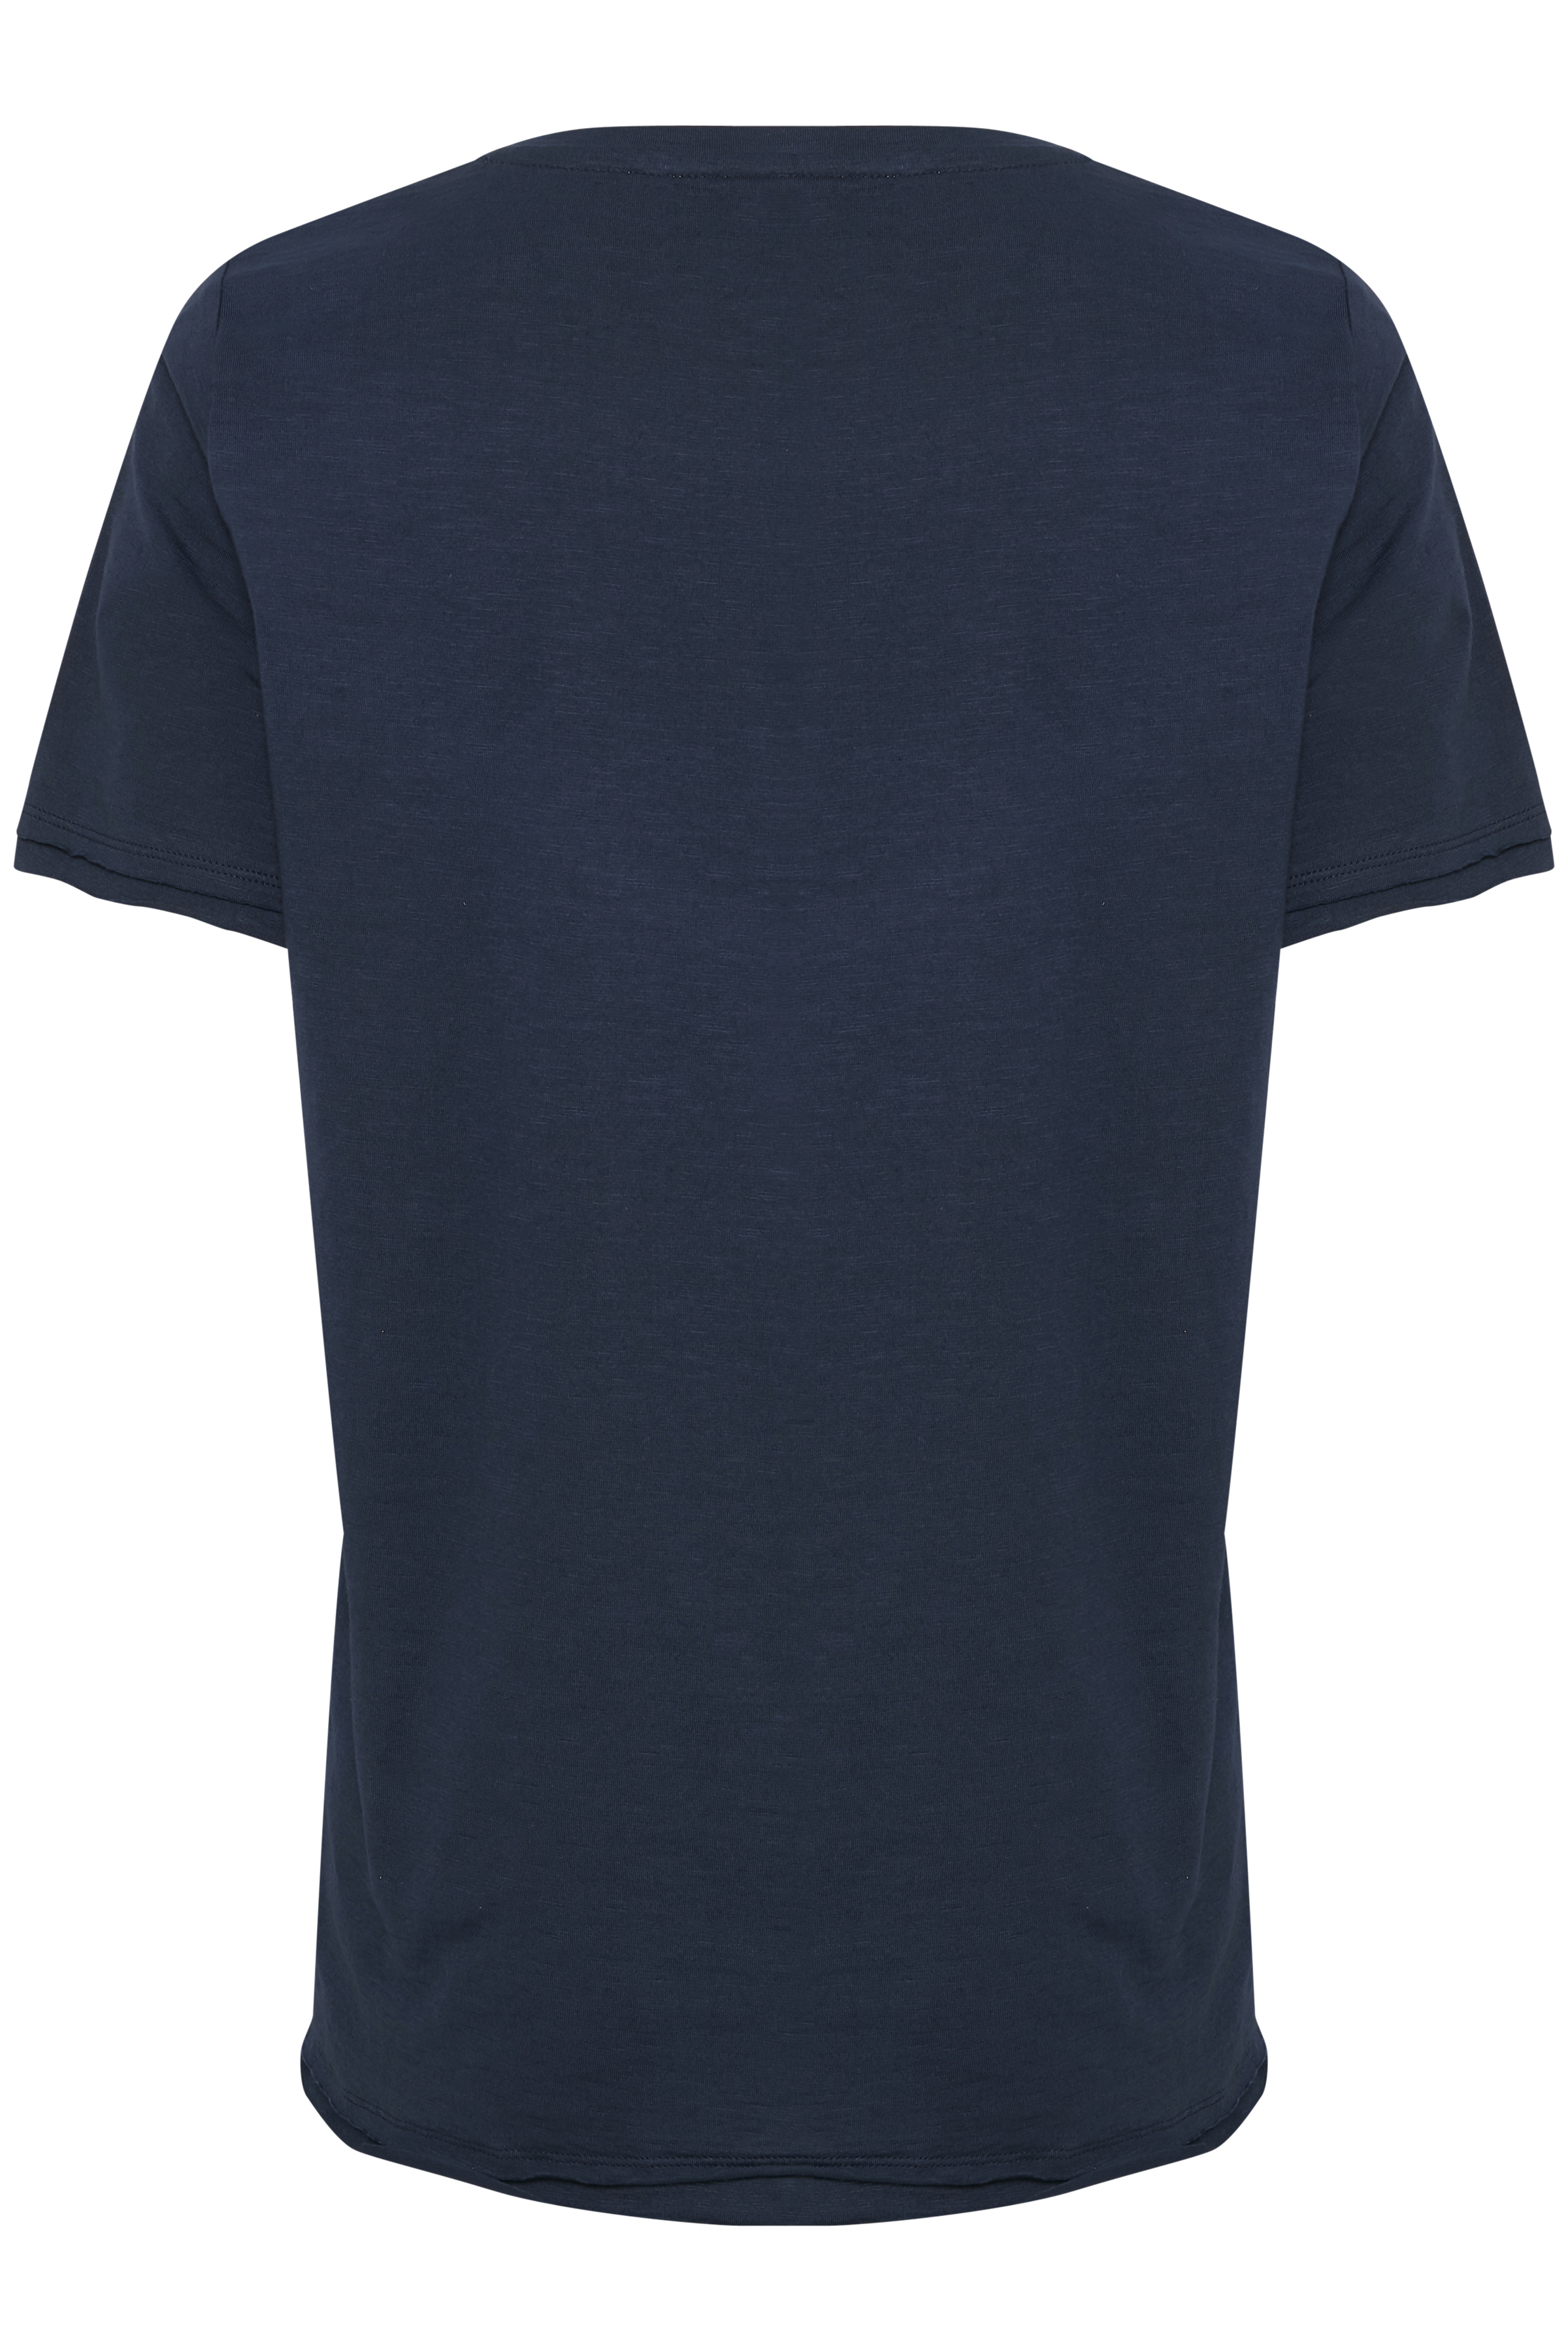 Mørkeblå Kortærmet T-shirt fra Bon'A Parte – Køb Mørkeblå Kortærmet T-shirt fra str. S-2XL her